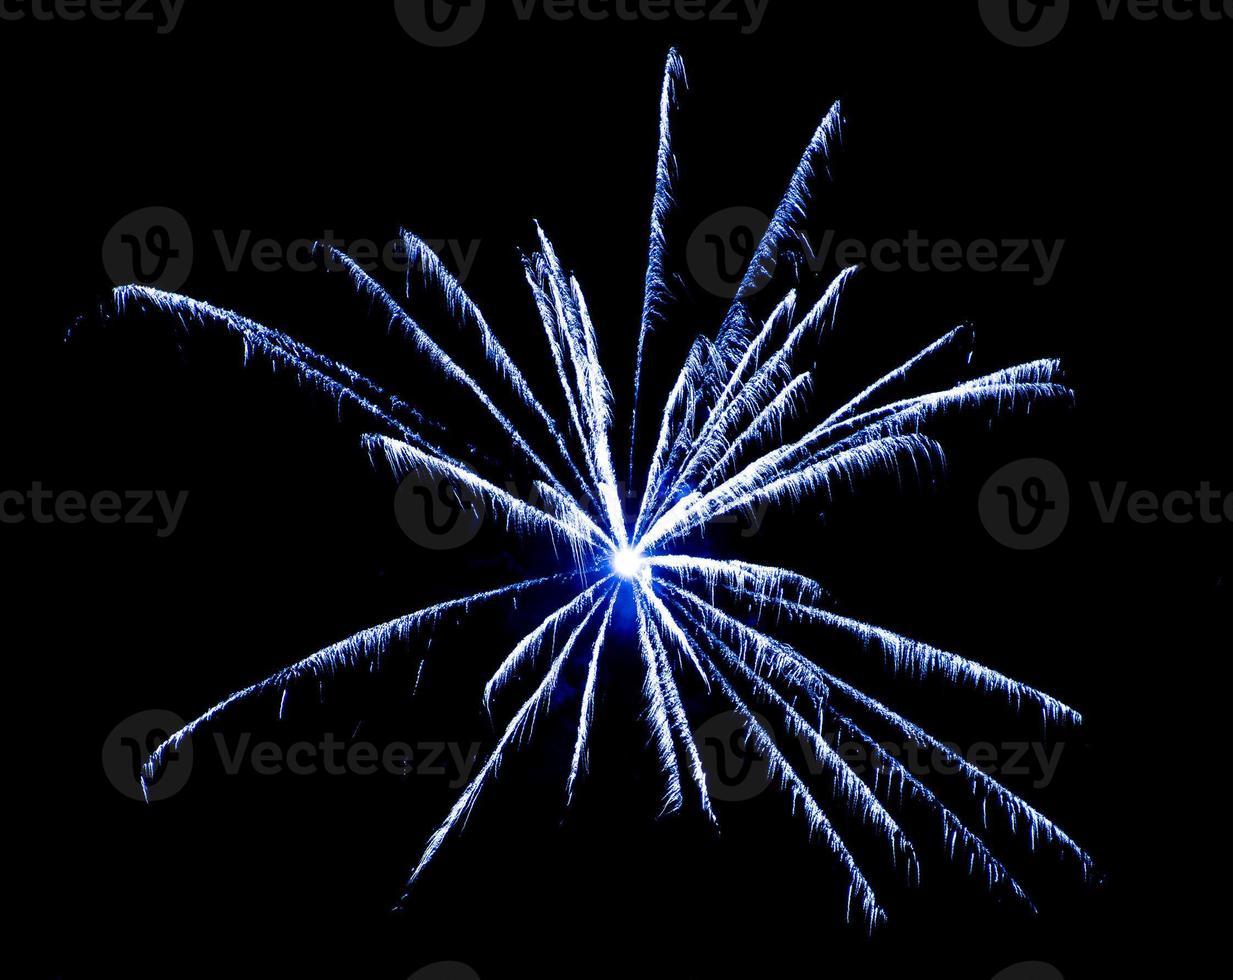 vuurwerk in de lucht. nieuwjaarsviering. foto